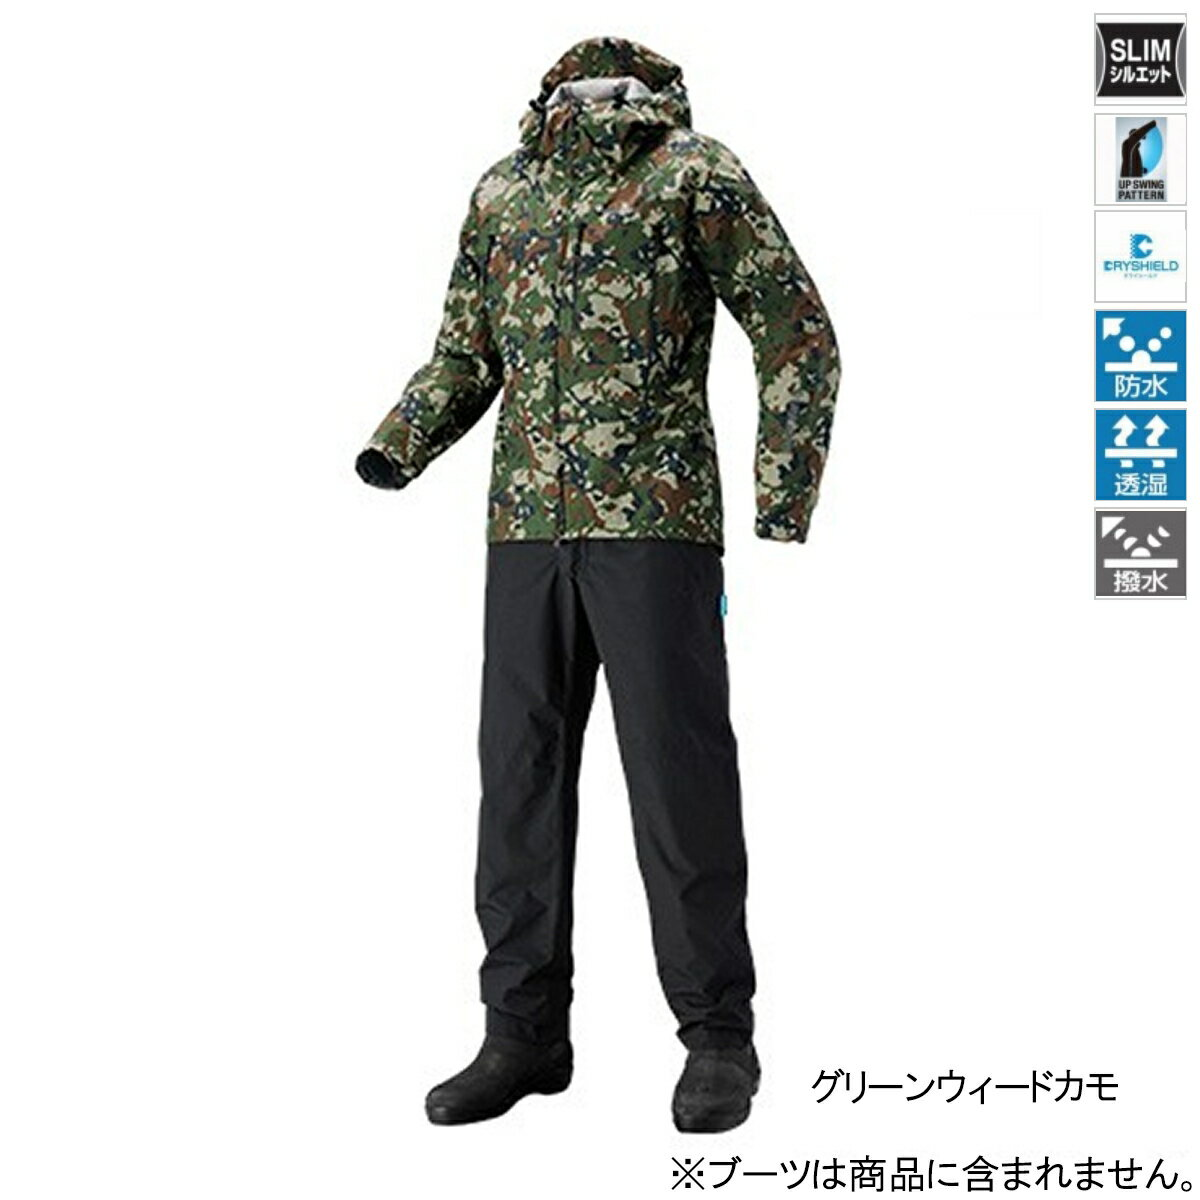 シマノ DSエクスプローラースーツ RA-024S L グリーンウィードカモ【送料無料】